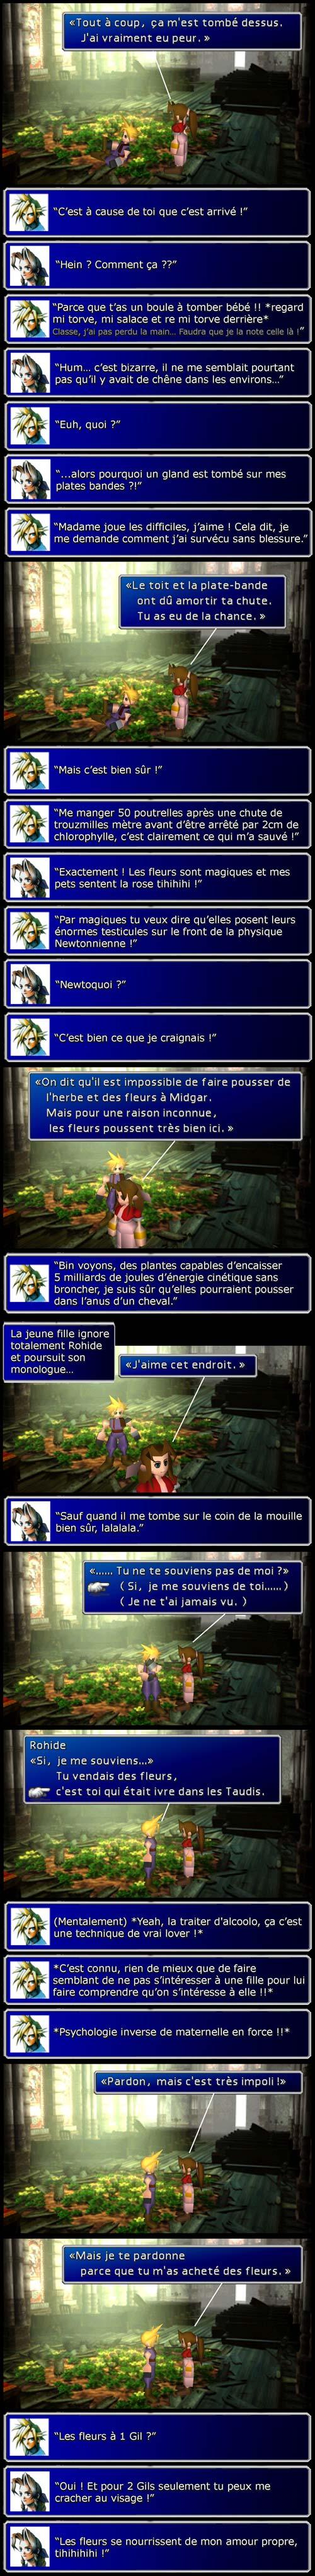 Final fantasy 7 : On découvre que la physique des jeux vidéo fait l'amour à Newton et Aeris n'a pas d'amour propre.